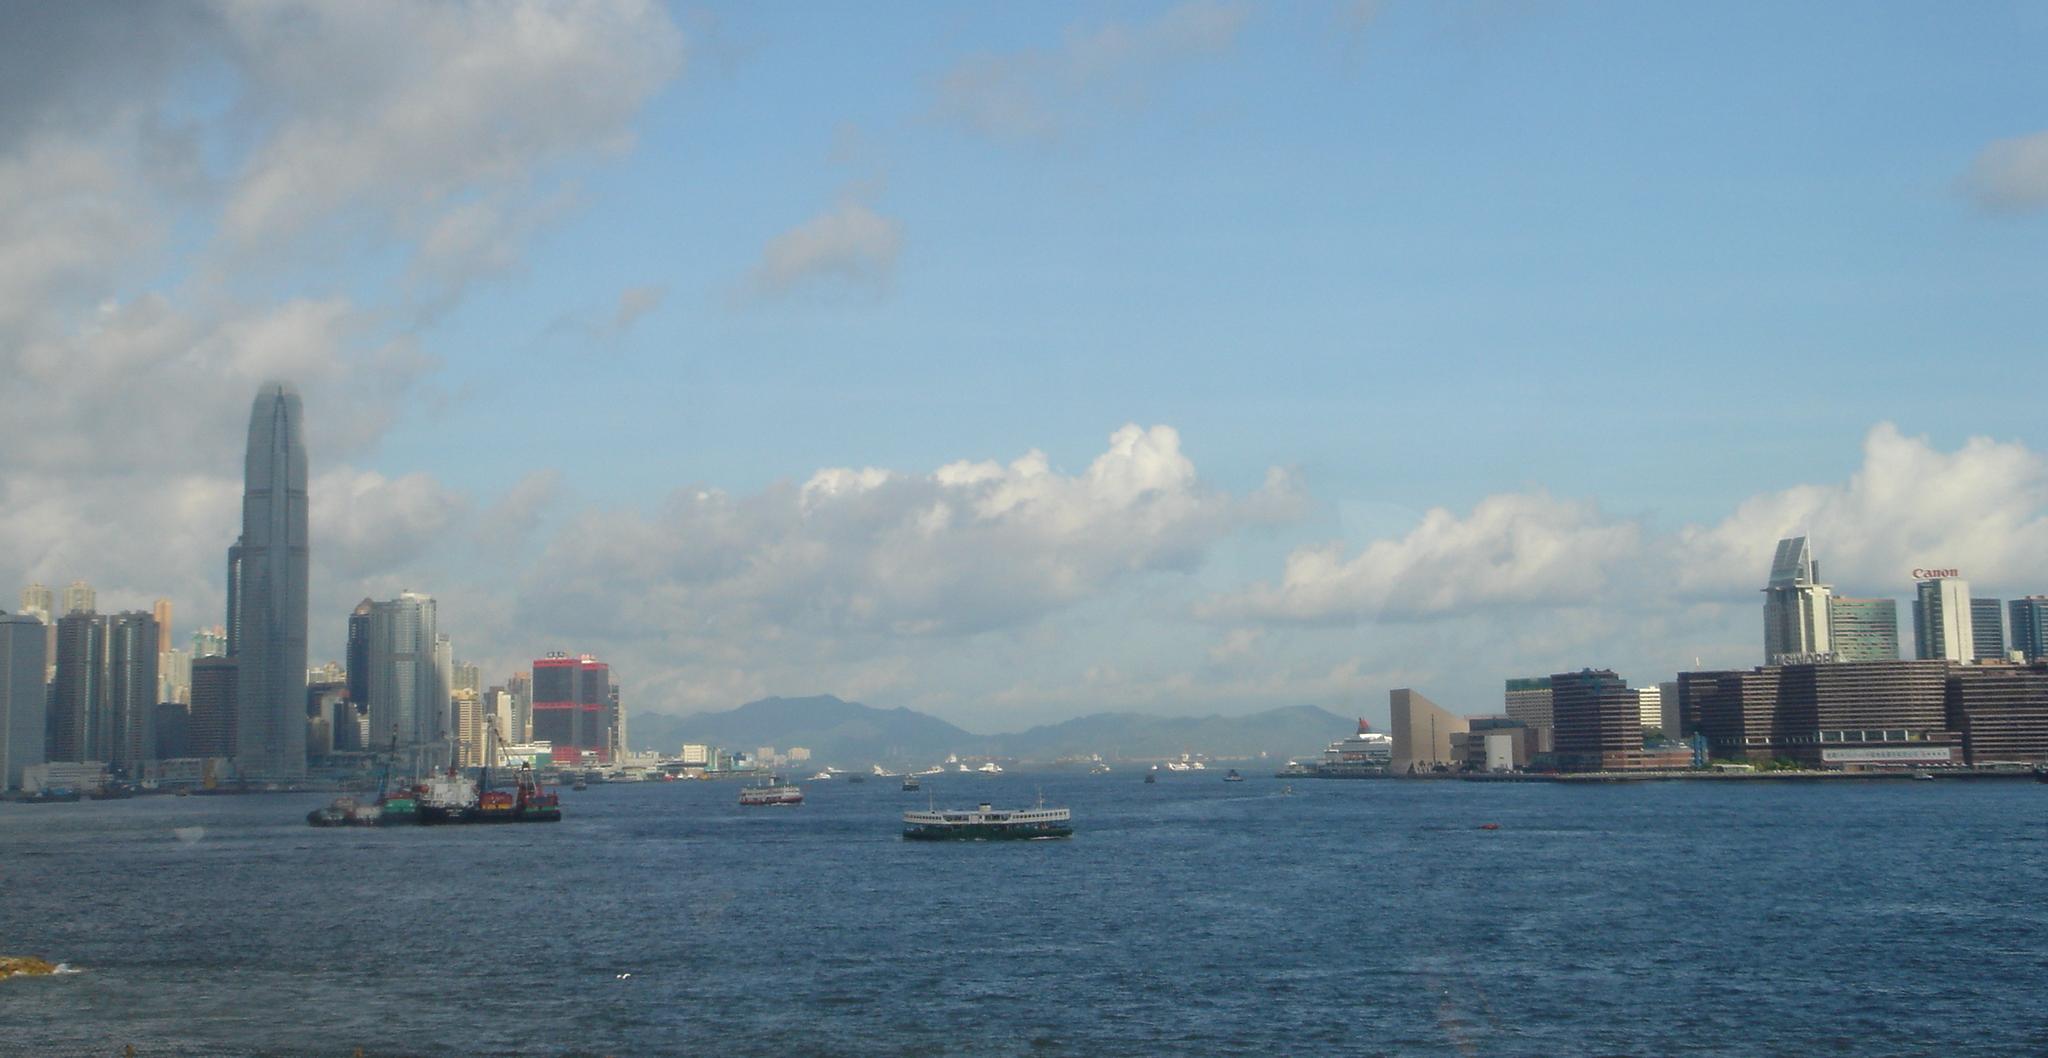 El puerto de Victoria desde el Punto Norte, con la isla de Hong Kong a la izquierda y la Península Kowloon a la derecha.